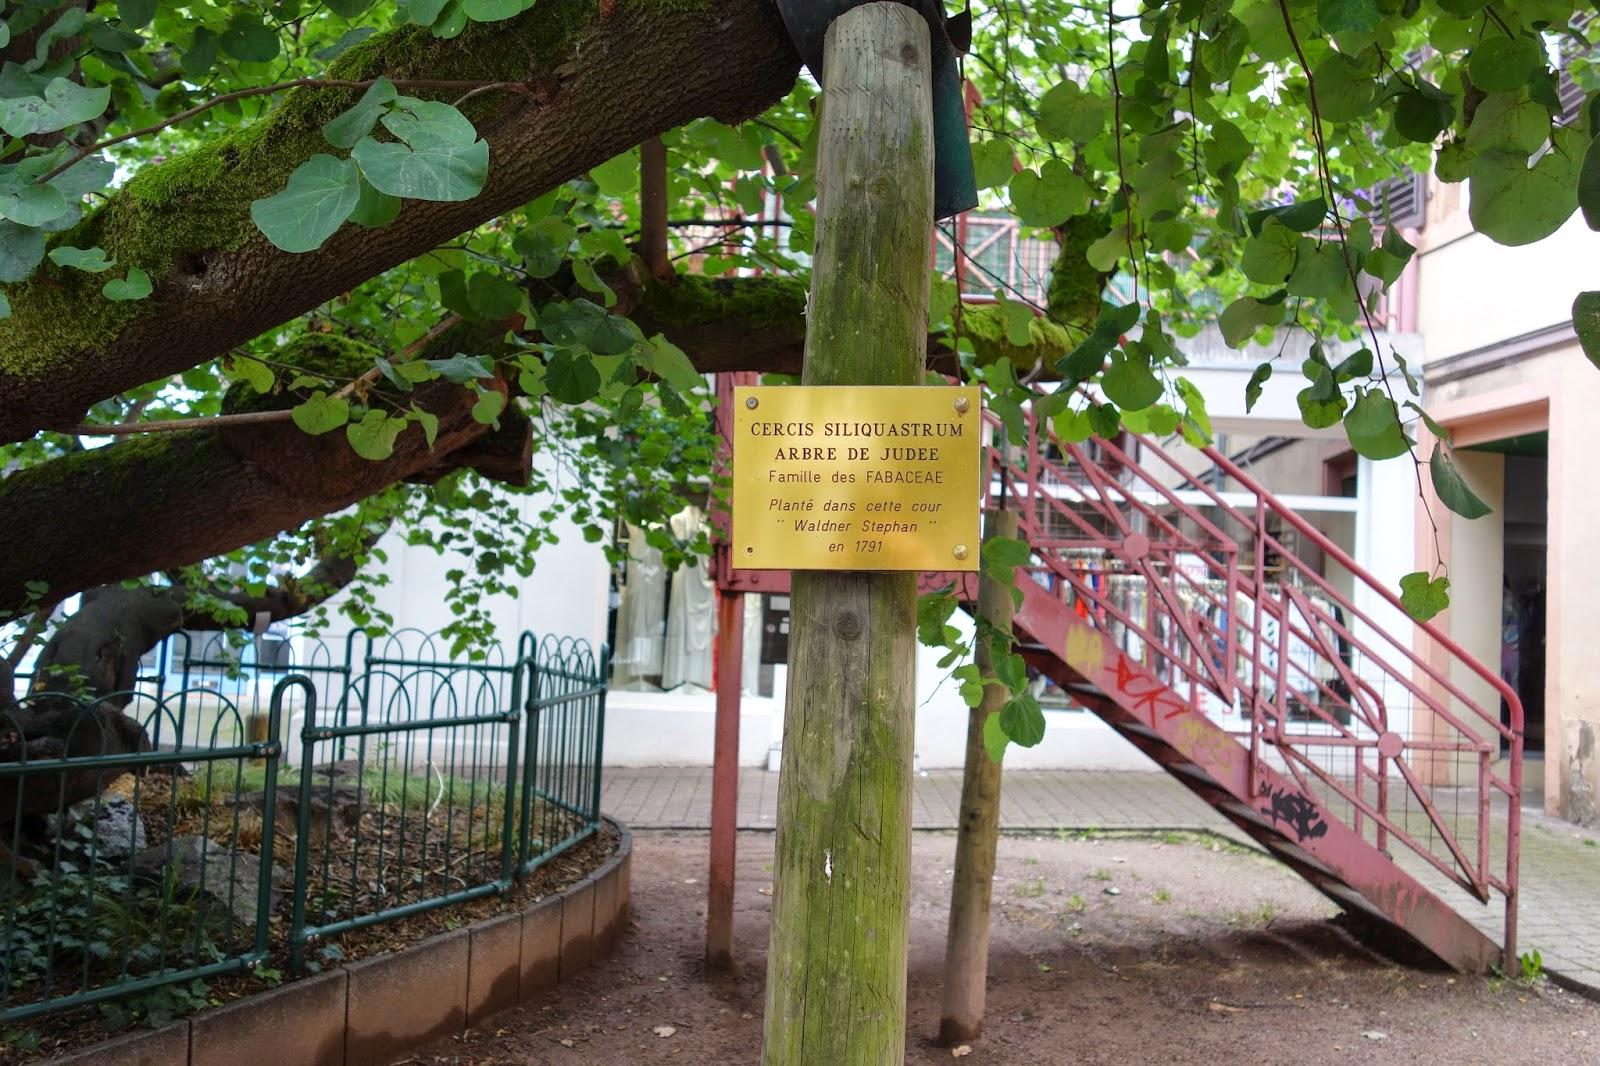 Улица Торговцев - внтуренний дворик